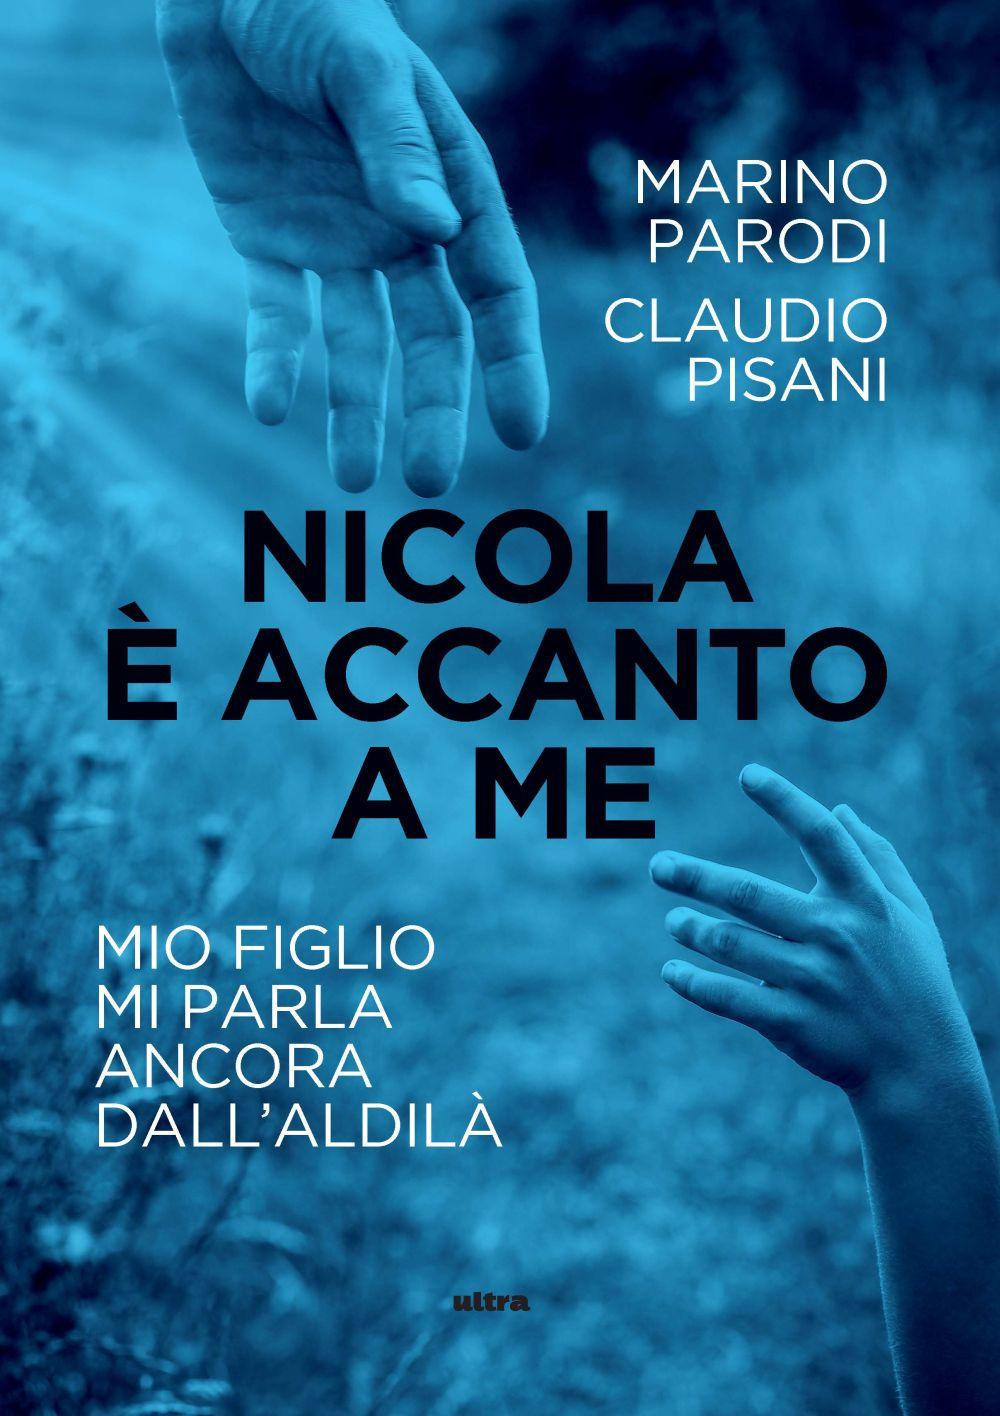 NICOLA È ACCANTO A ME. MIO FIGLIO MI PARLA ANCORA DALL'ALDILÀ - Pisani Claudio; Parodi Marino - 9788867769643